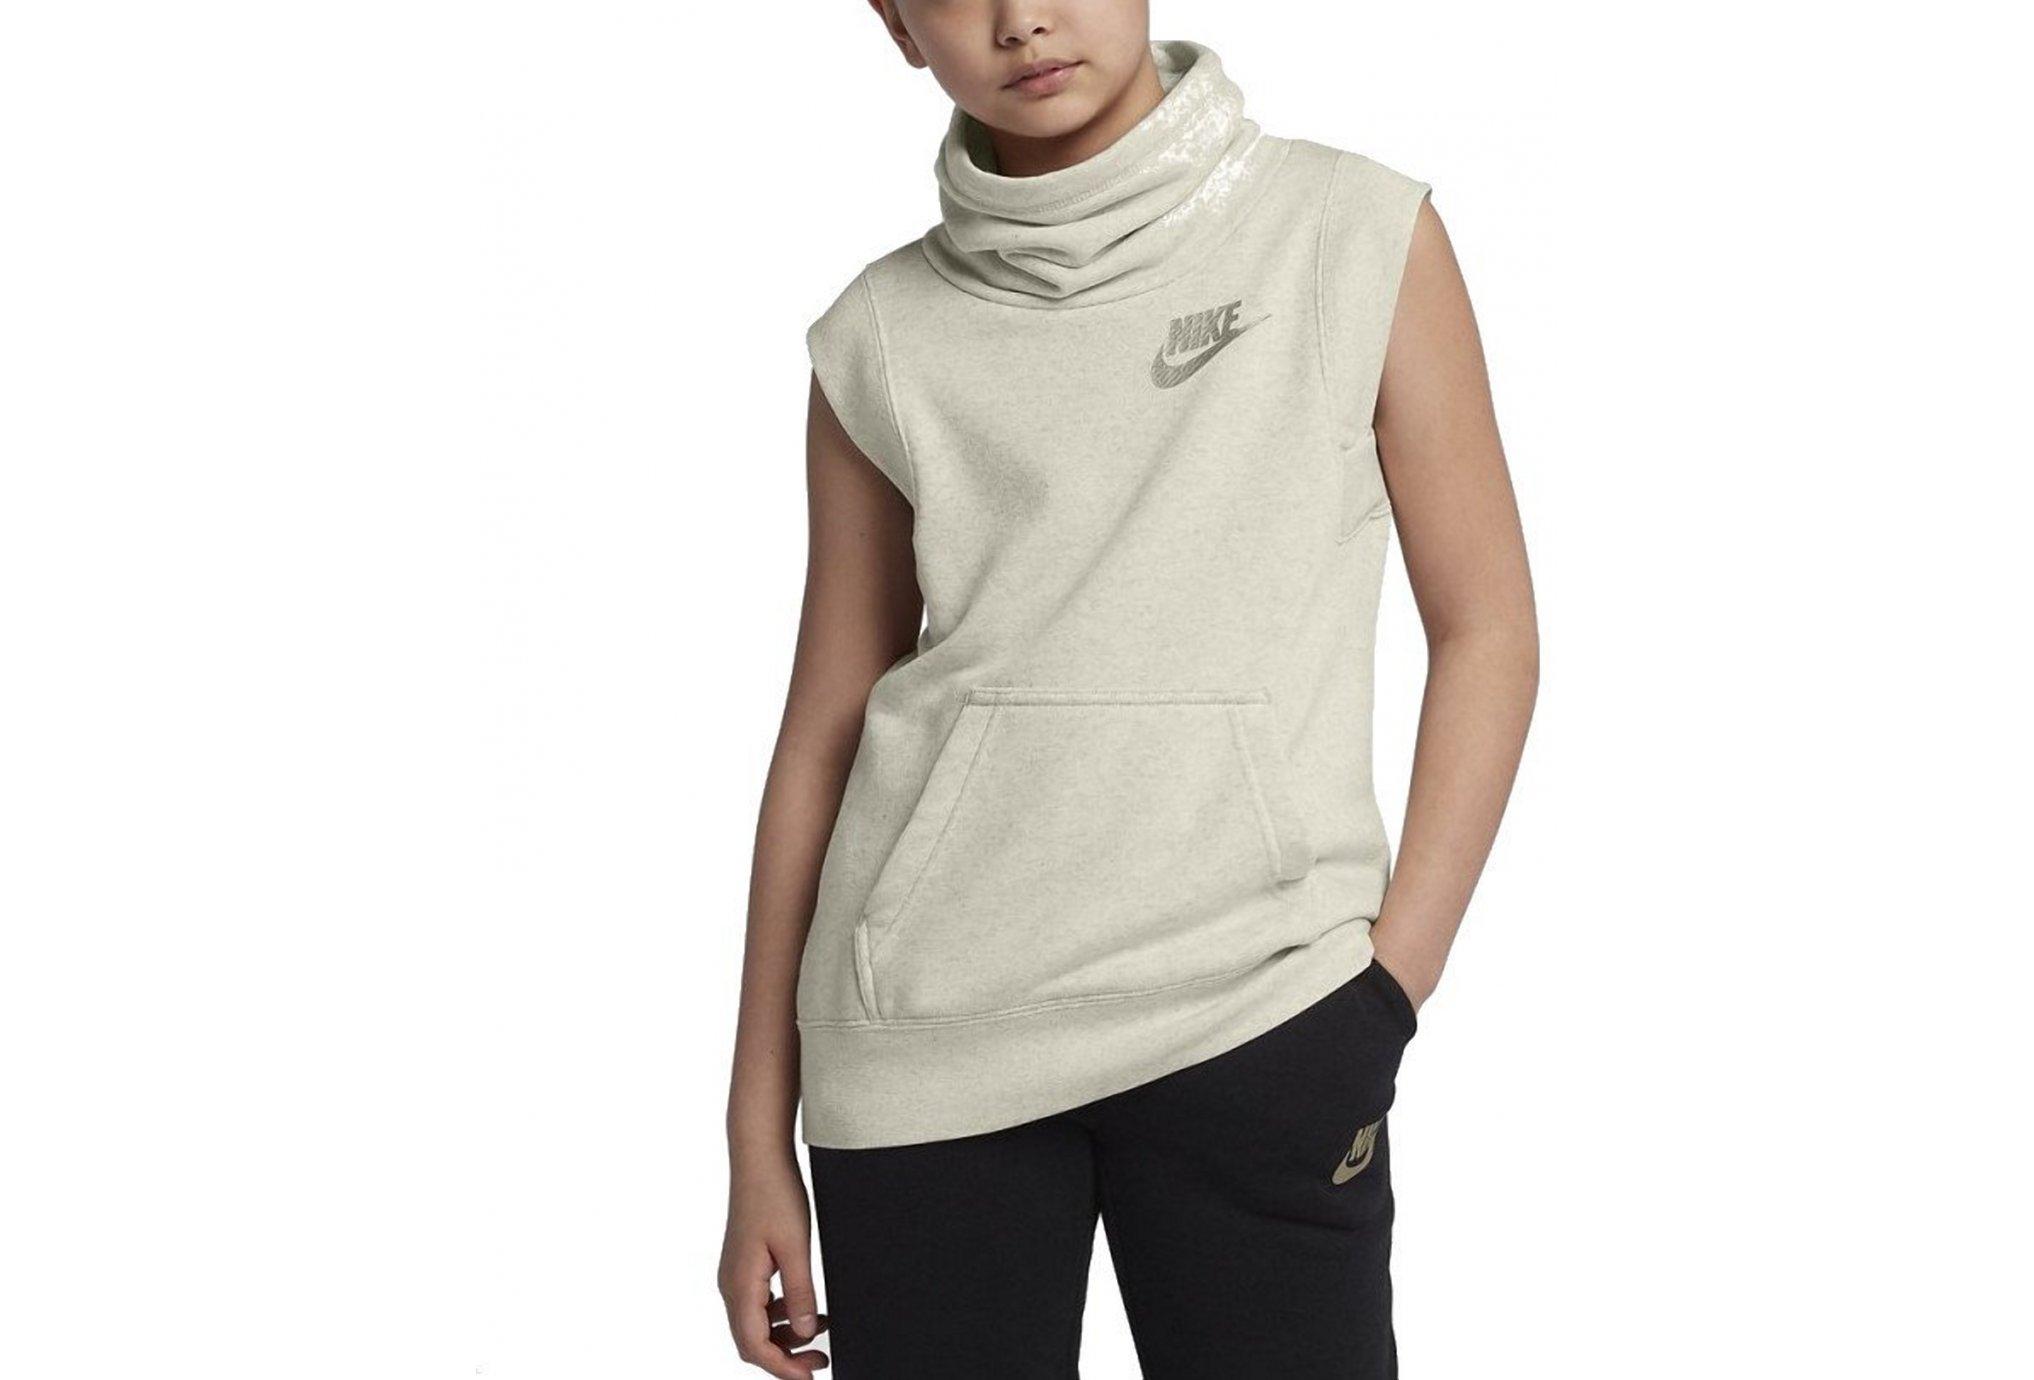 Nike Modern Fille vêtement running femme